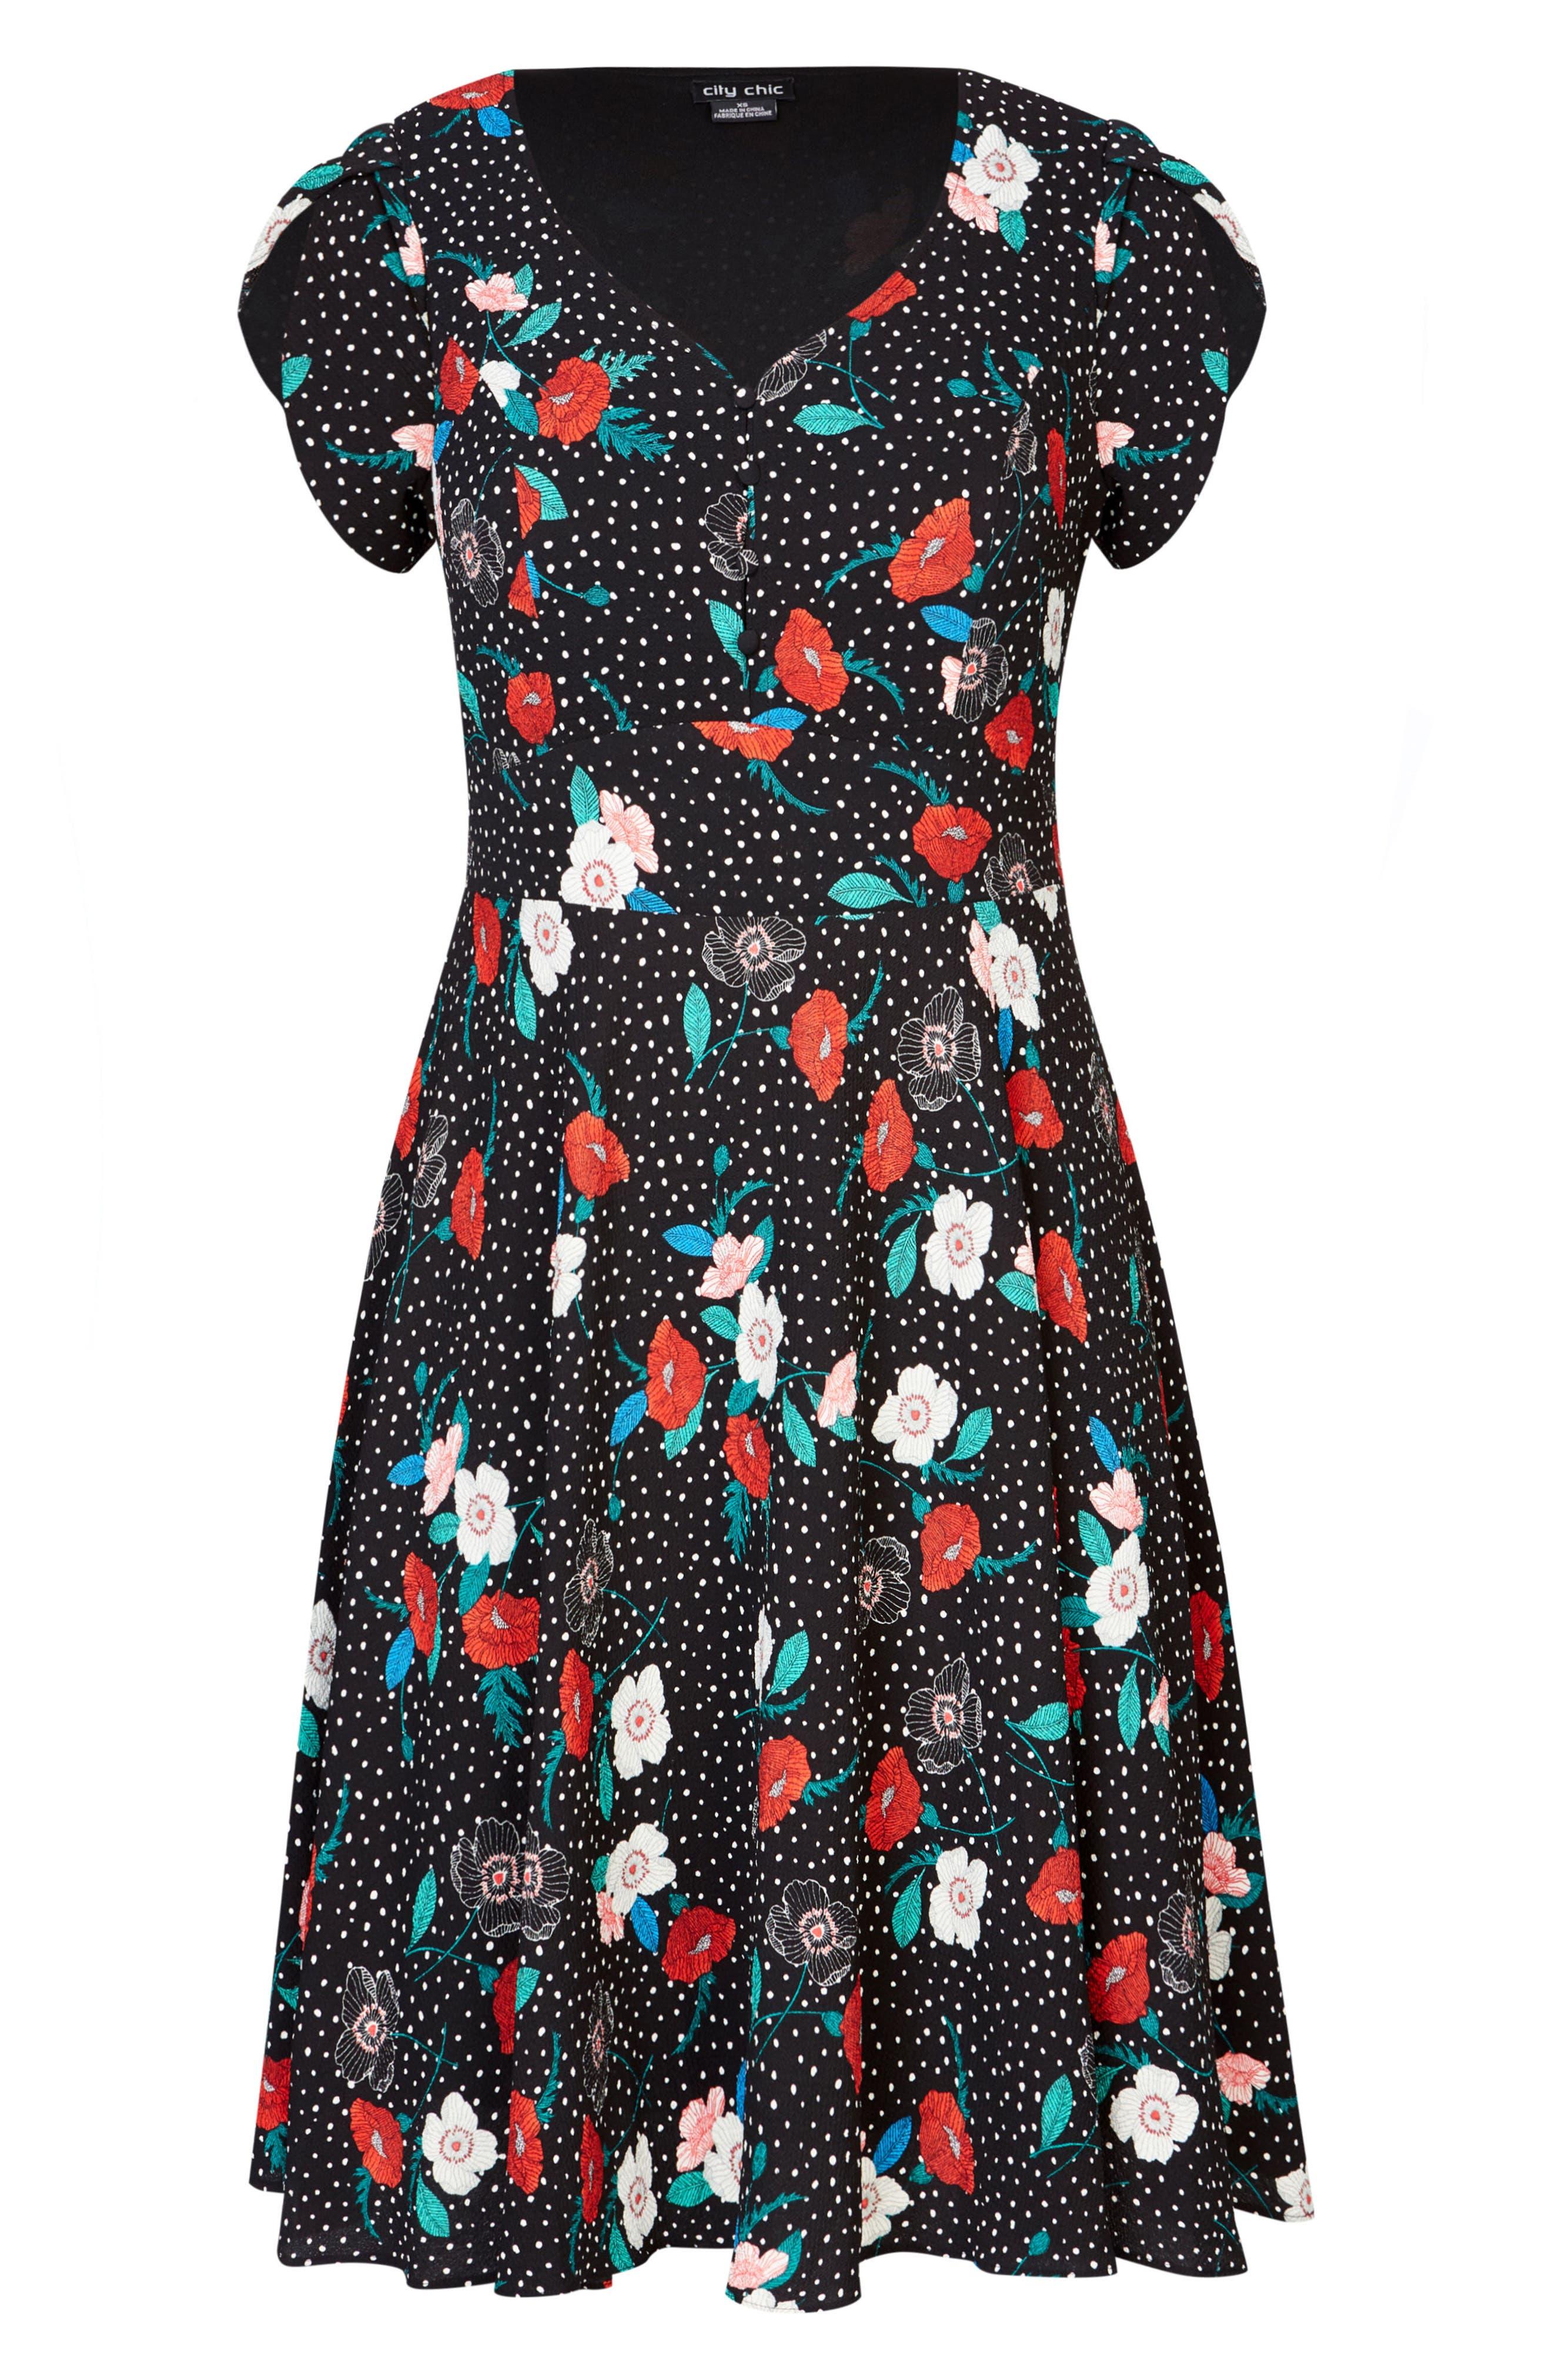 CITY CHIC, Floral Spot Dress, Alternate thumbnail 4, color, SPOT FLORAL